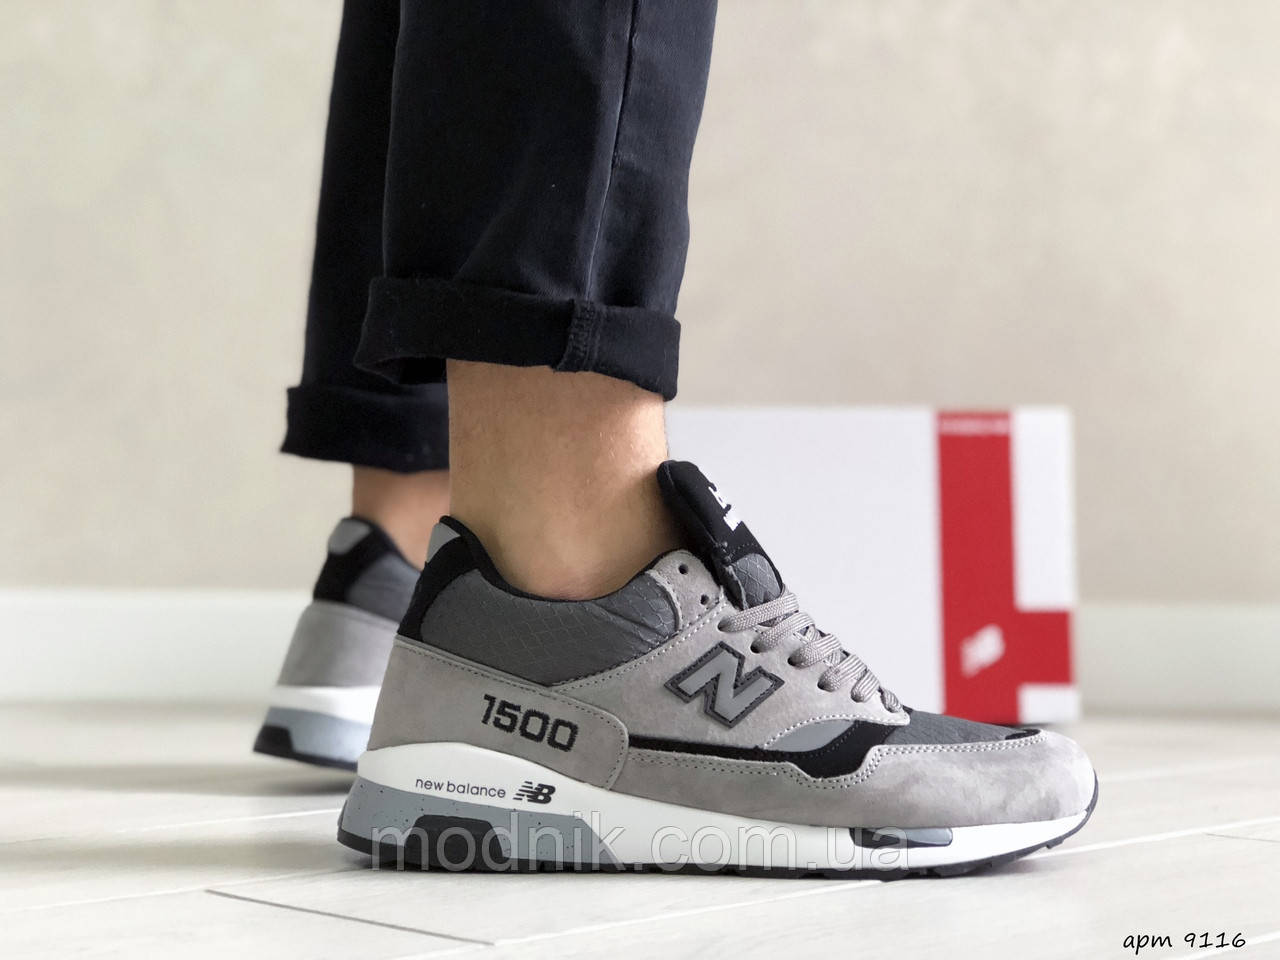 Мужские кроссовки New Balance 1500 ВЕЛИКОБРИТАНИЯ (серые) 9116